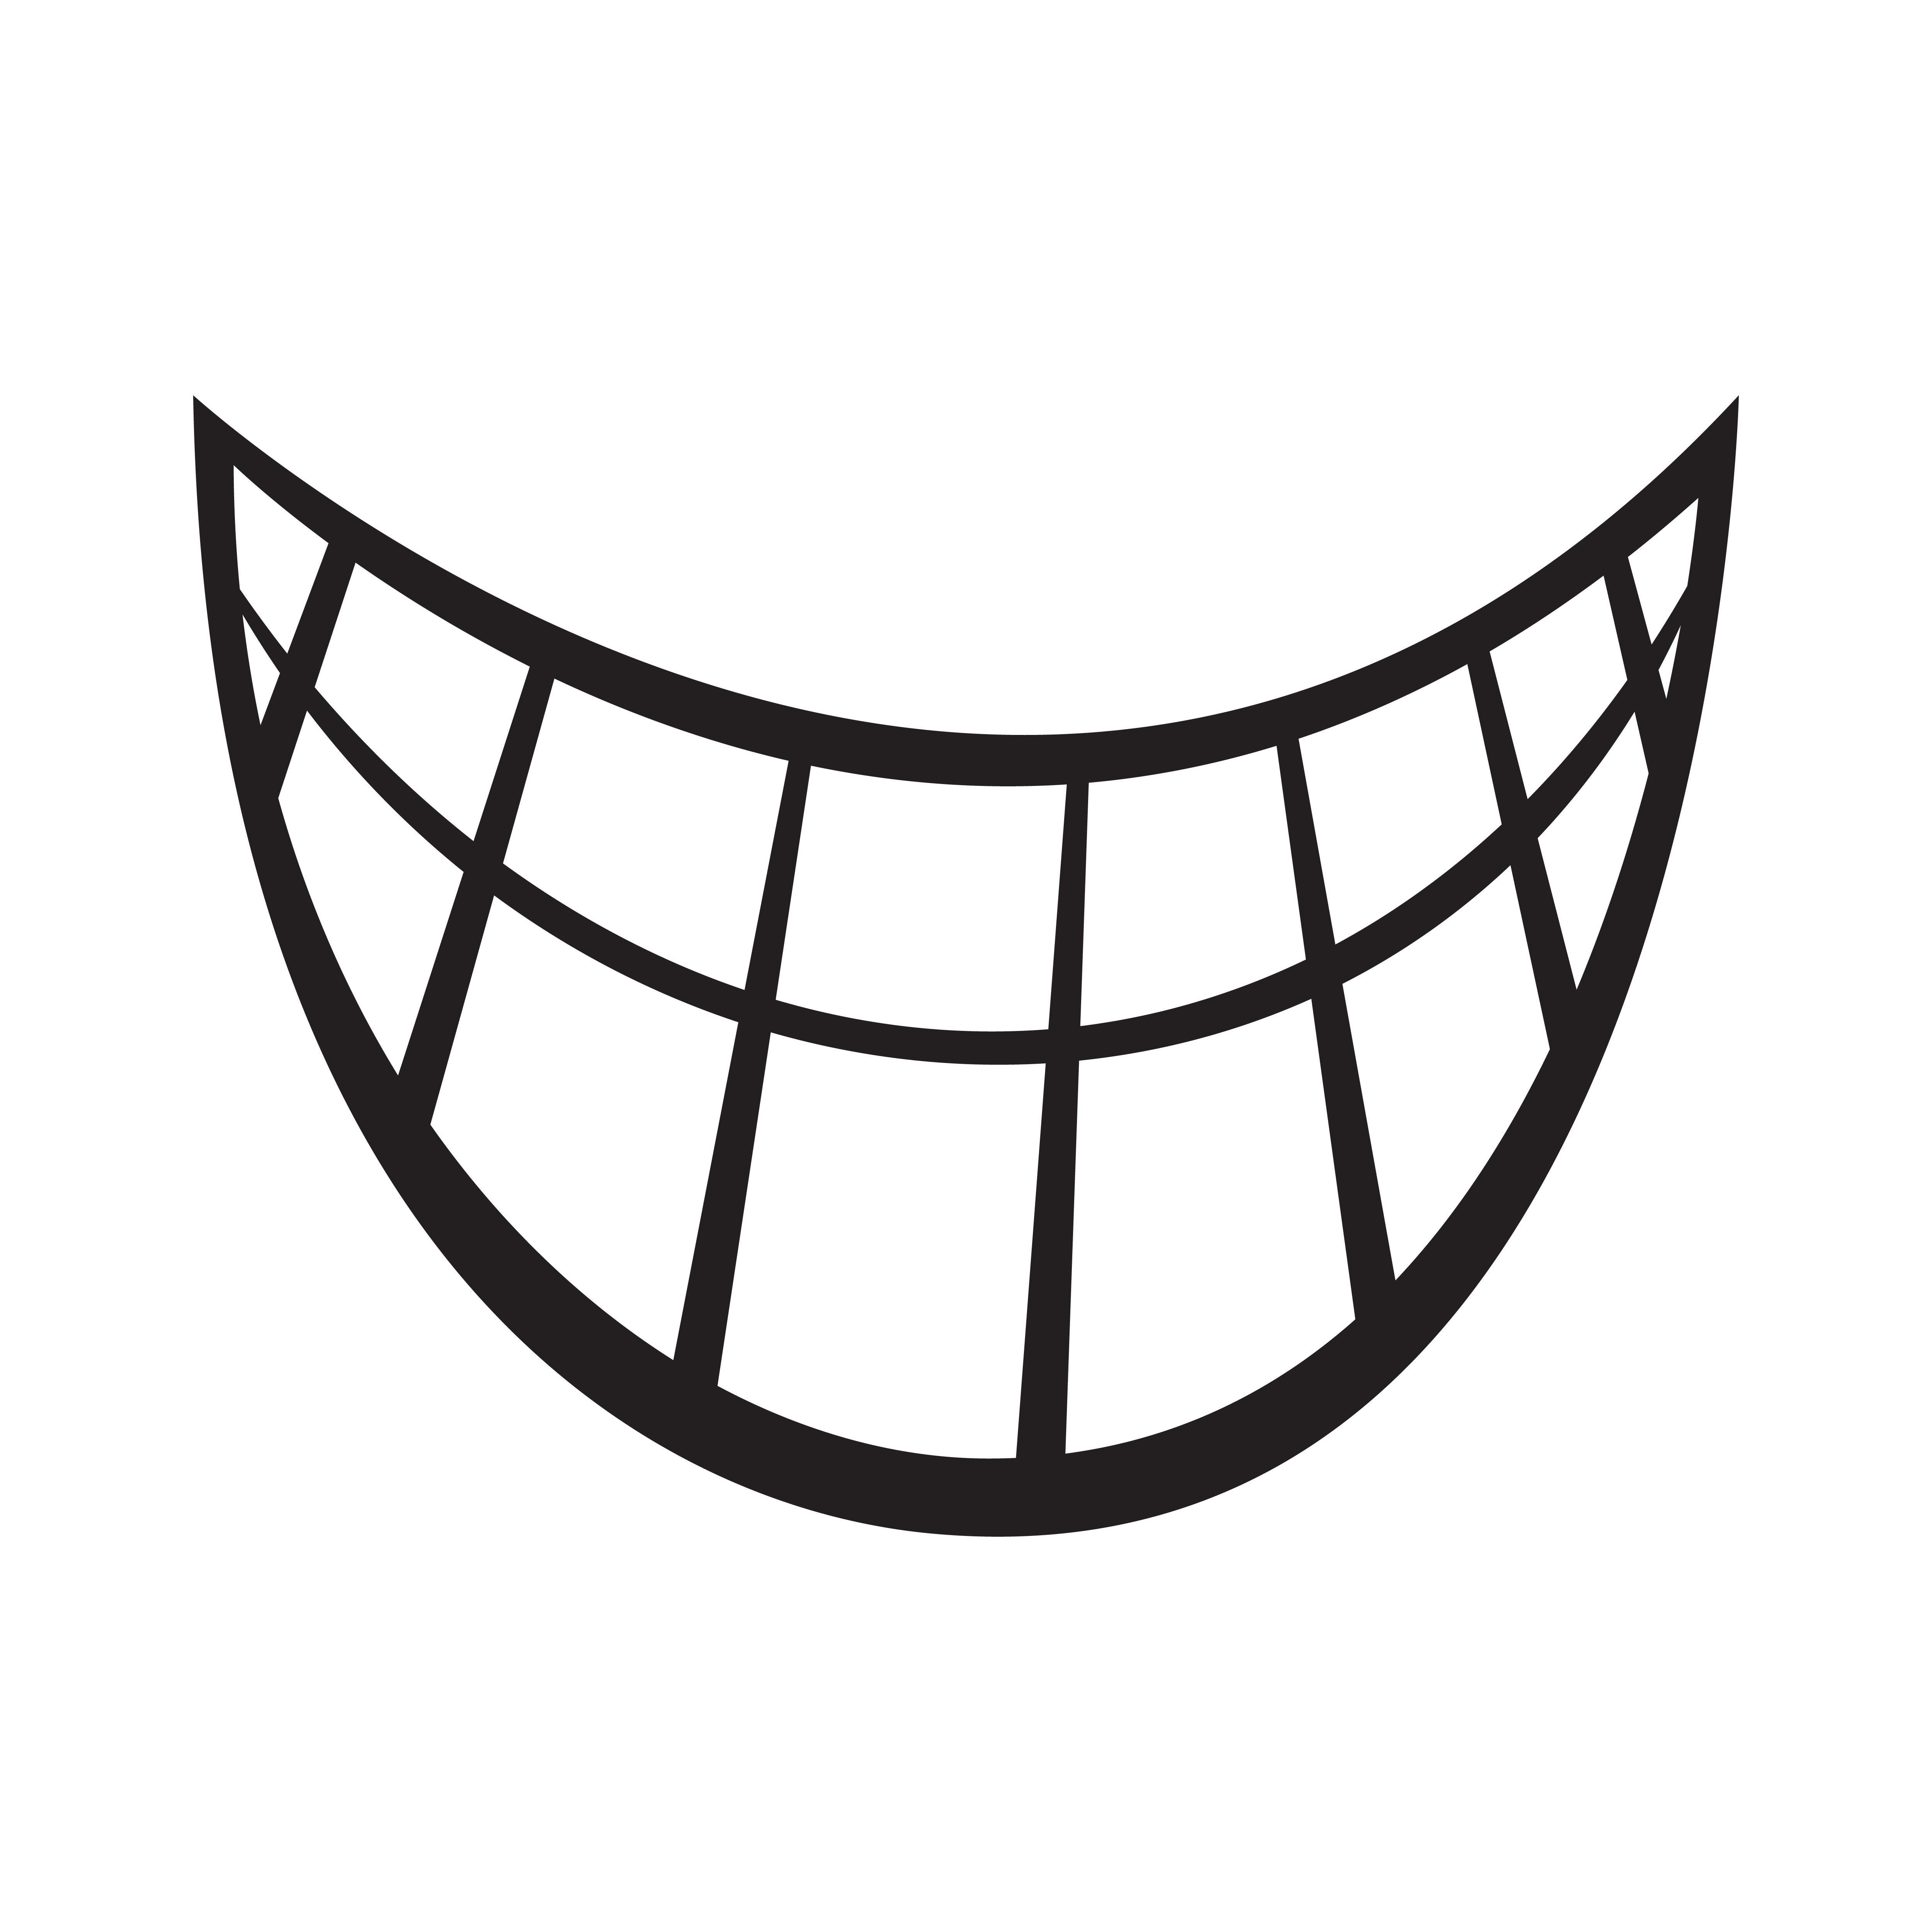 Big Happy Toothy Cartoon Smile vector icon - Download Free ...